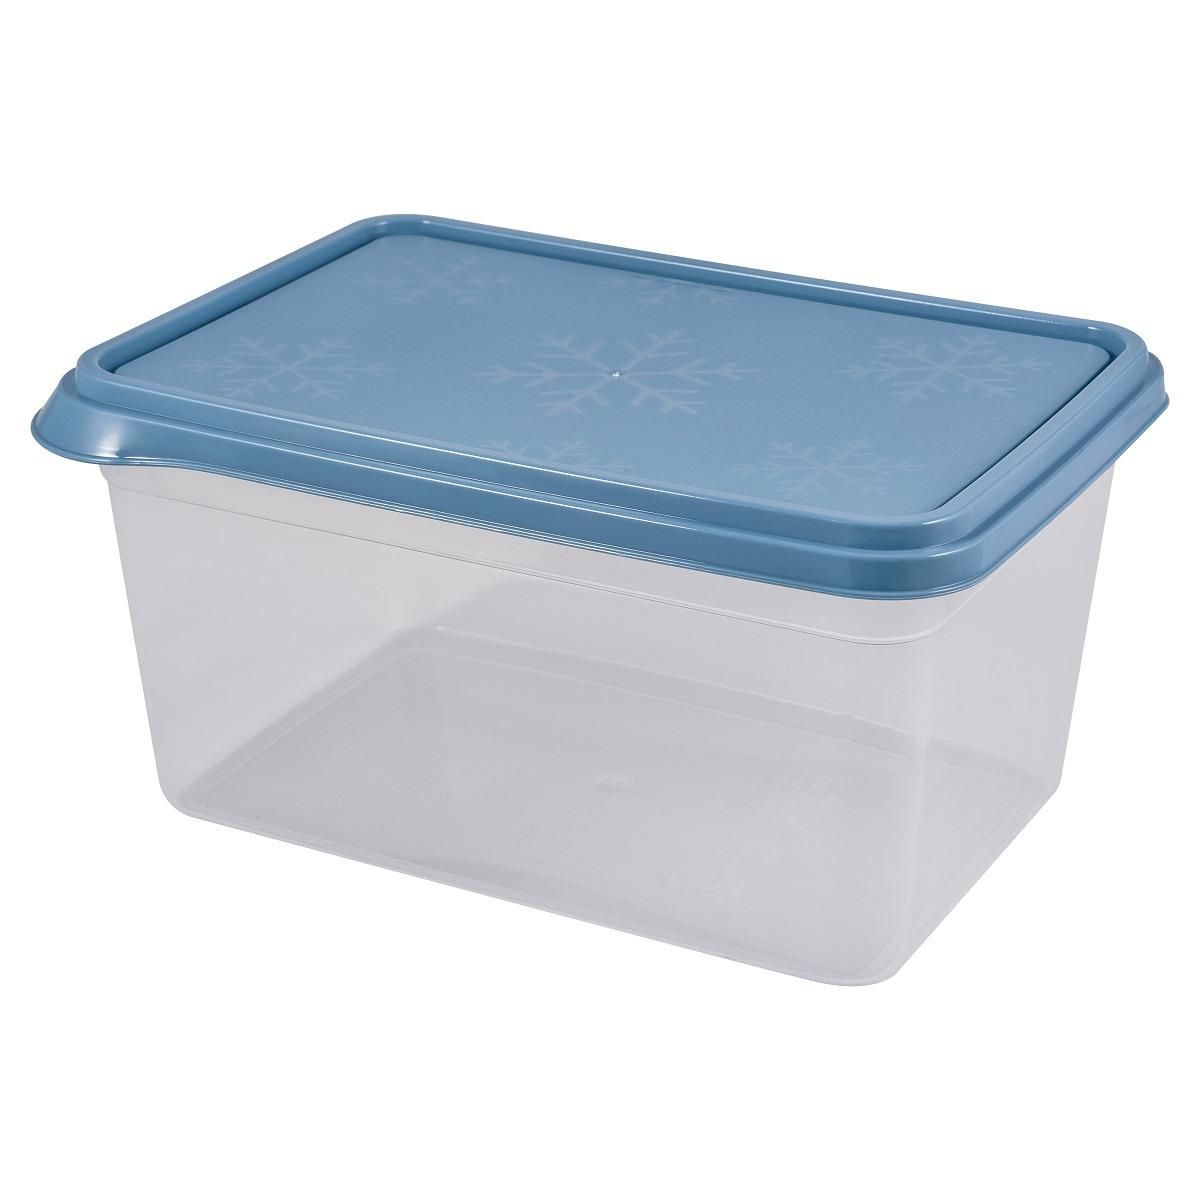 Контейнер пищевой Plast Team Bergen, PT1138-20, туманно-голубой, 1,3 л контейнер пищевой plast team цвет голубой прозрачный 0 6 л